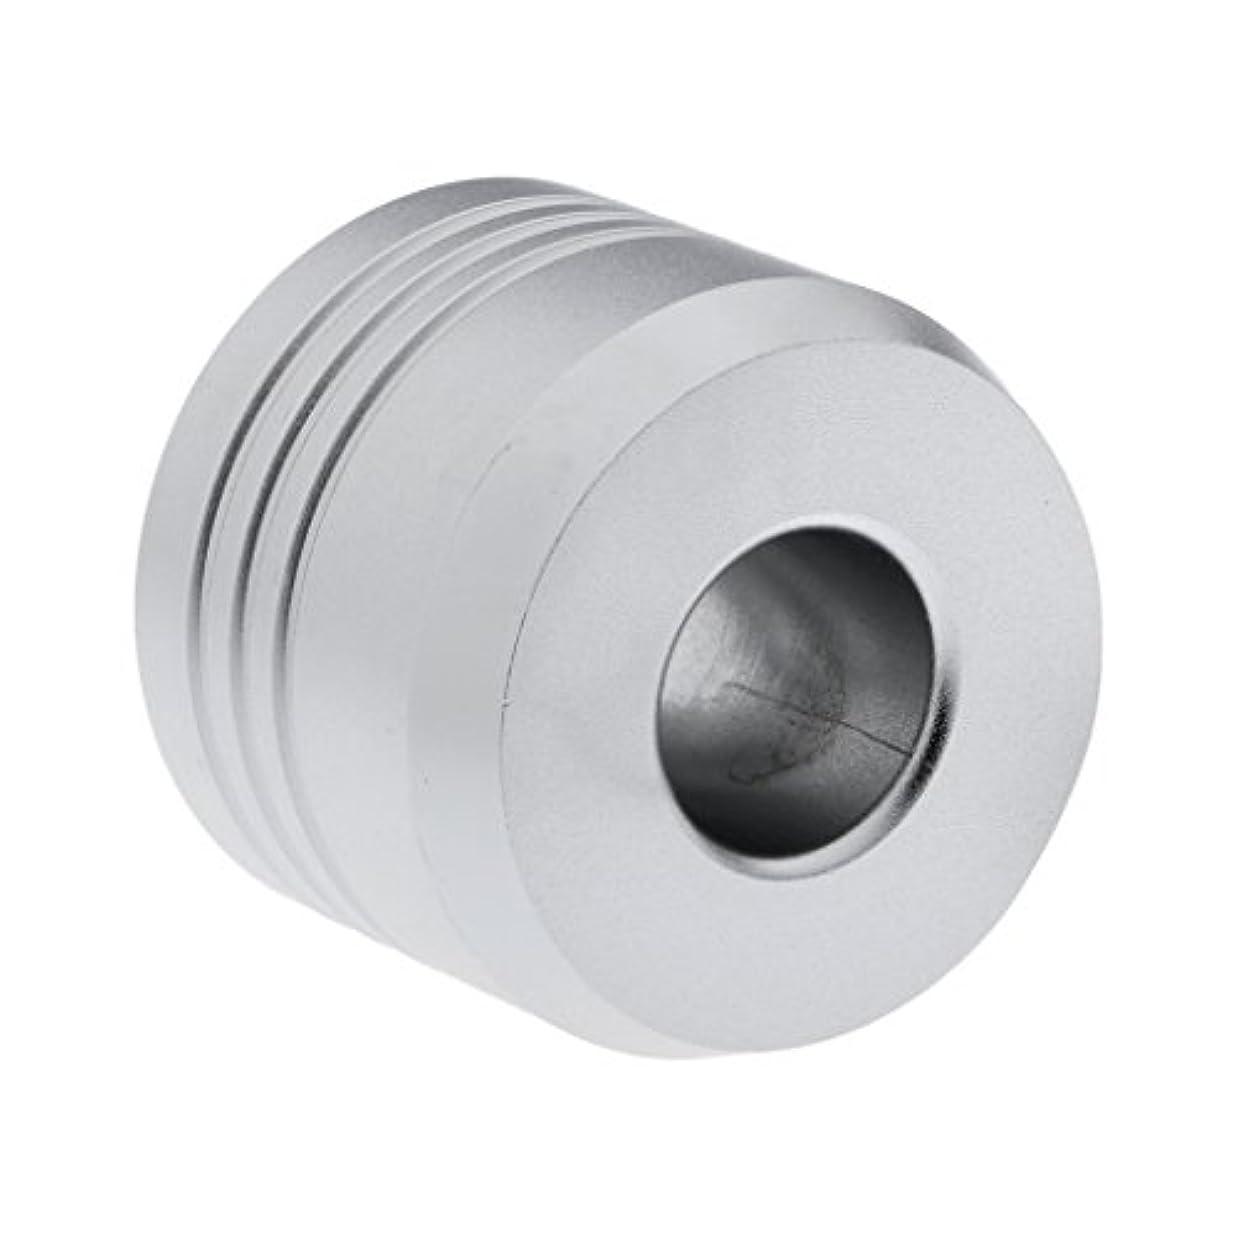 柔らかい足恩恵シャットHomyl カミソリスタンド スタンド シェービング カミソリホルダー ベース サポート 調節可 ミニサイズ デザイン 場所を節約 2色選べ   - 銀